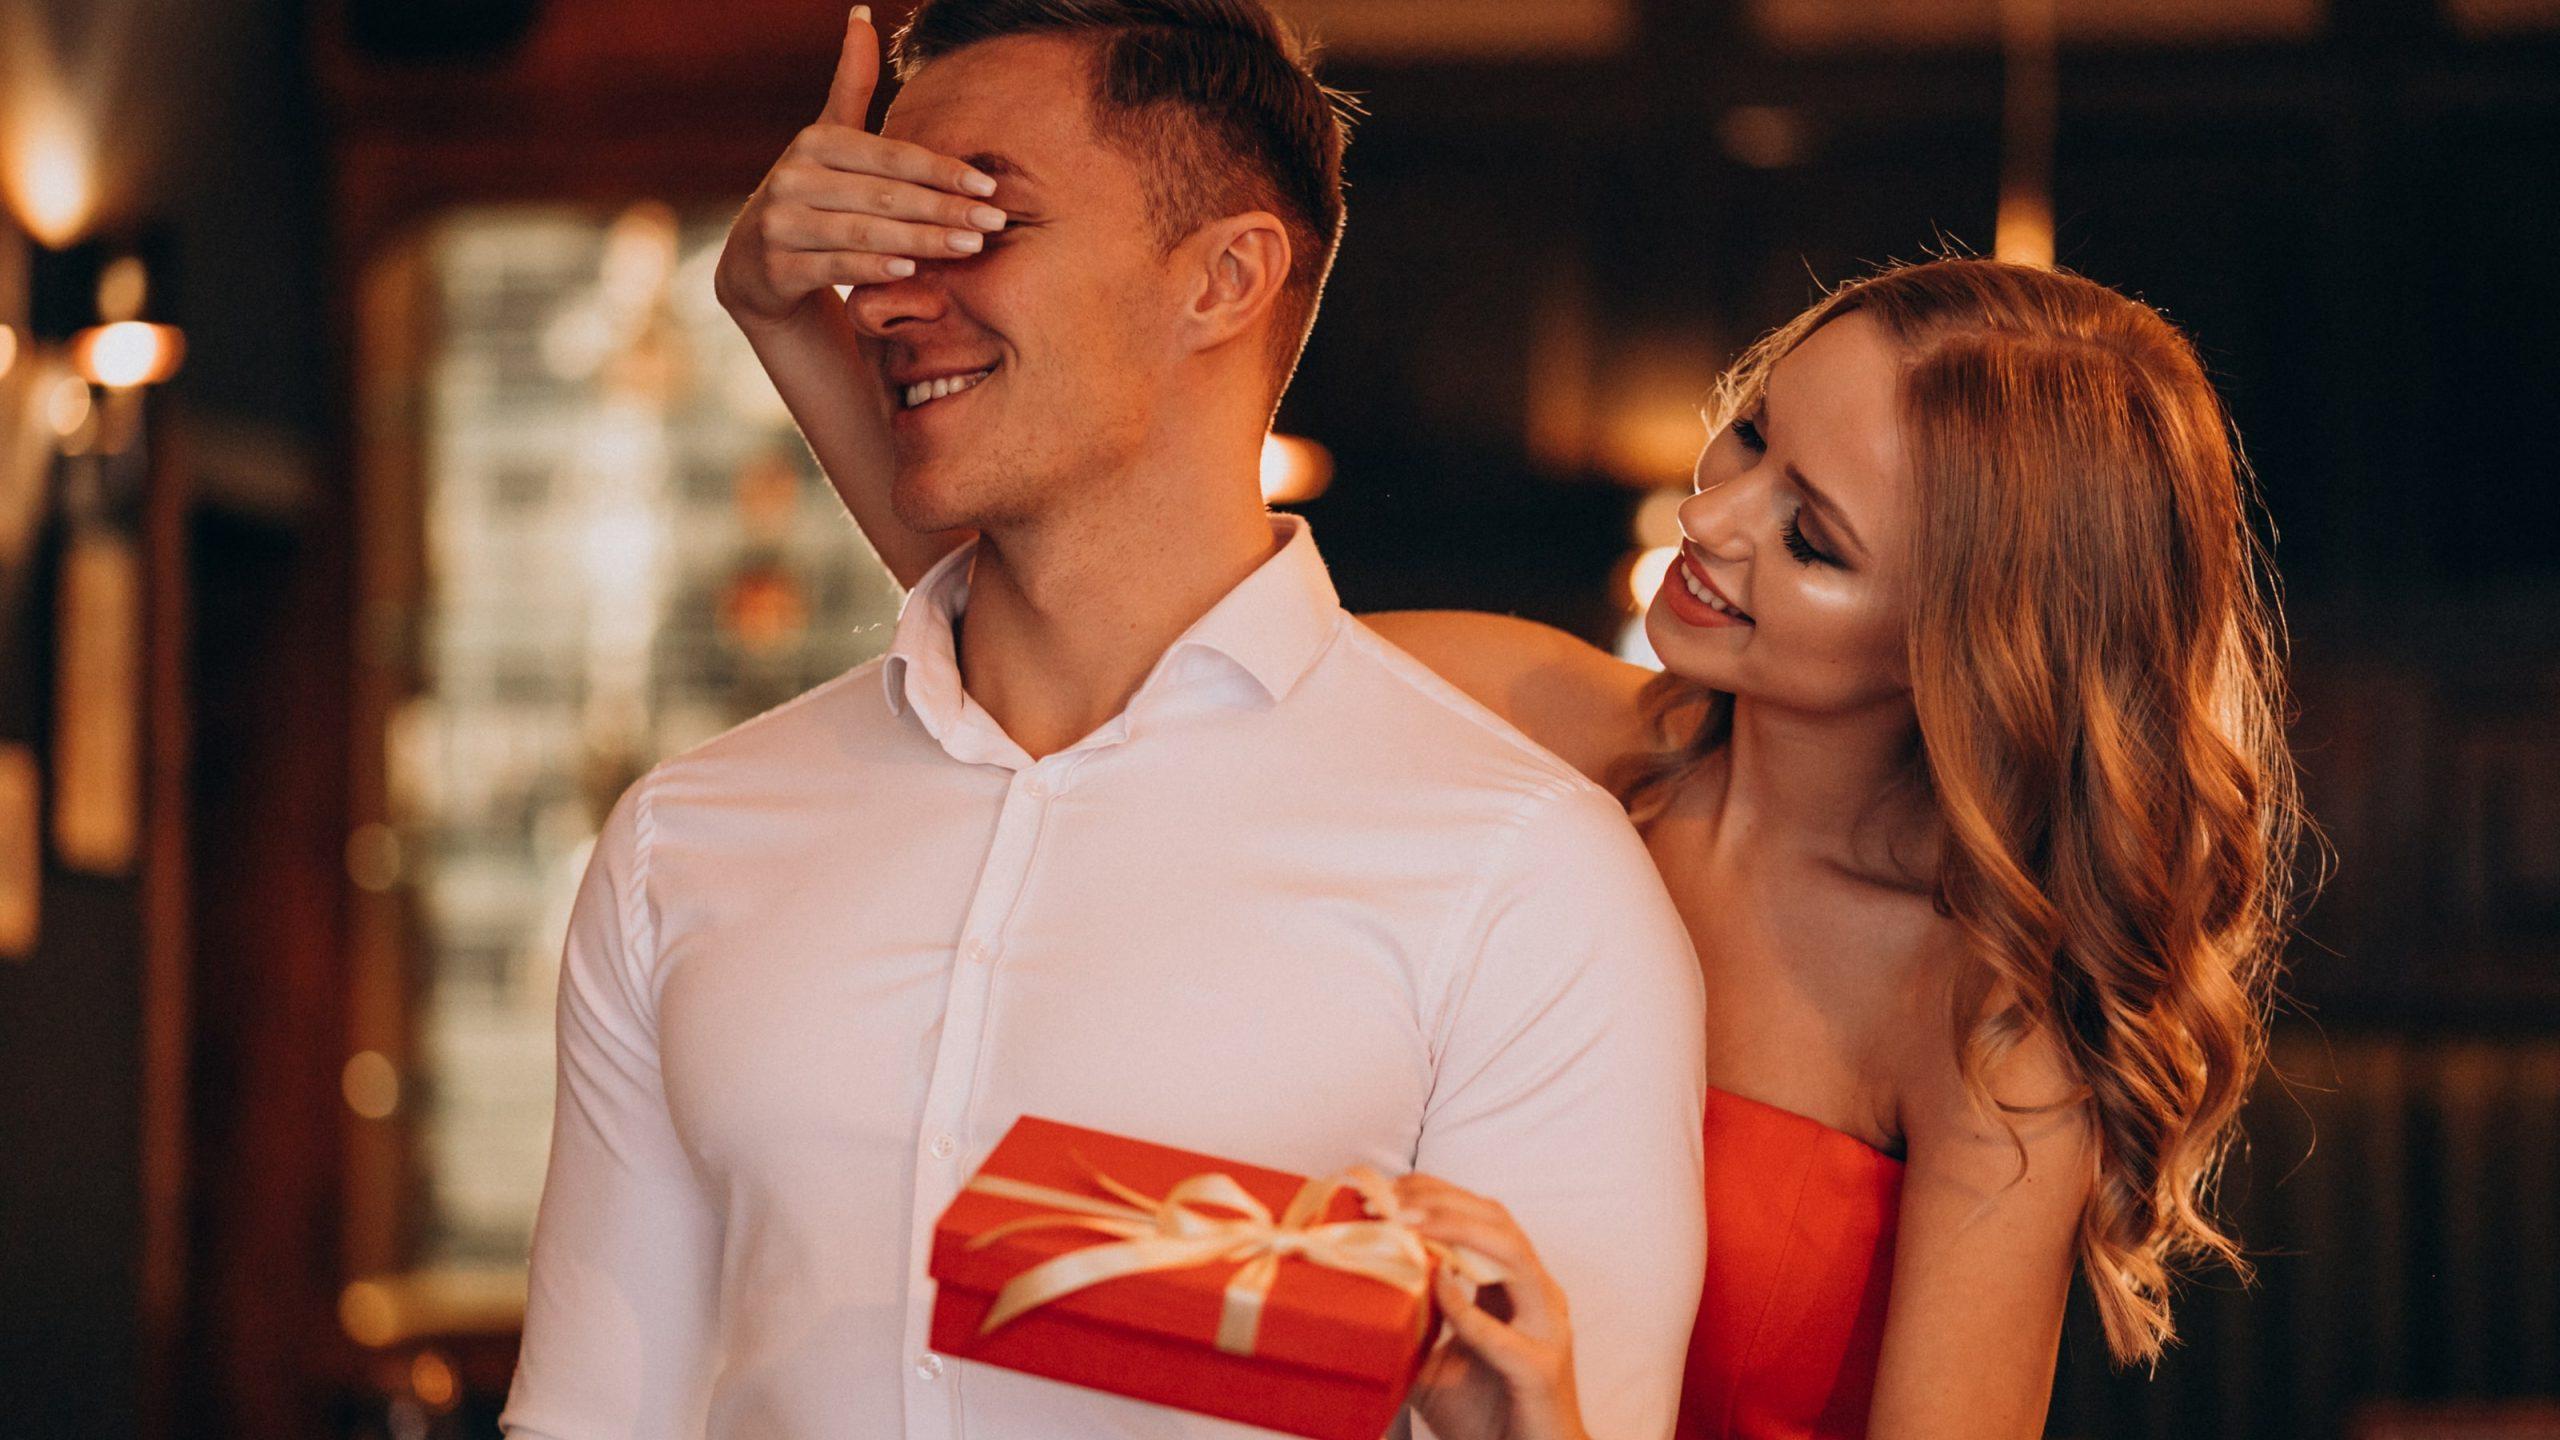 Qué regalar para San Valentín: Mejores Regalos Eróticos para San Valentín 2021